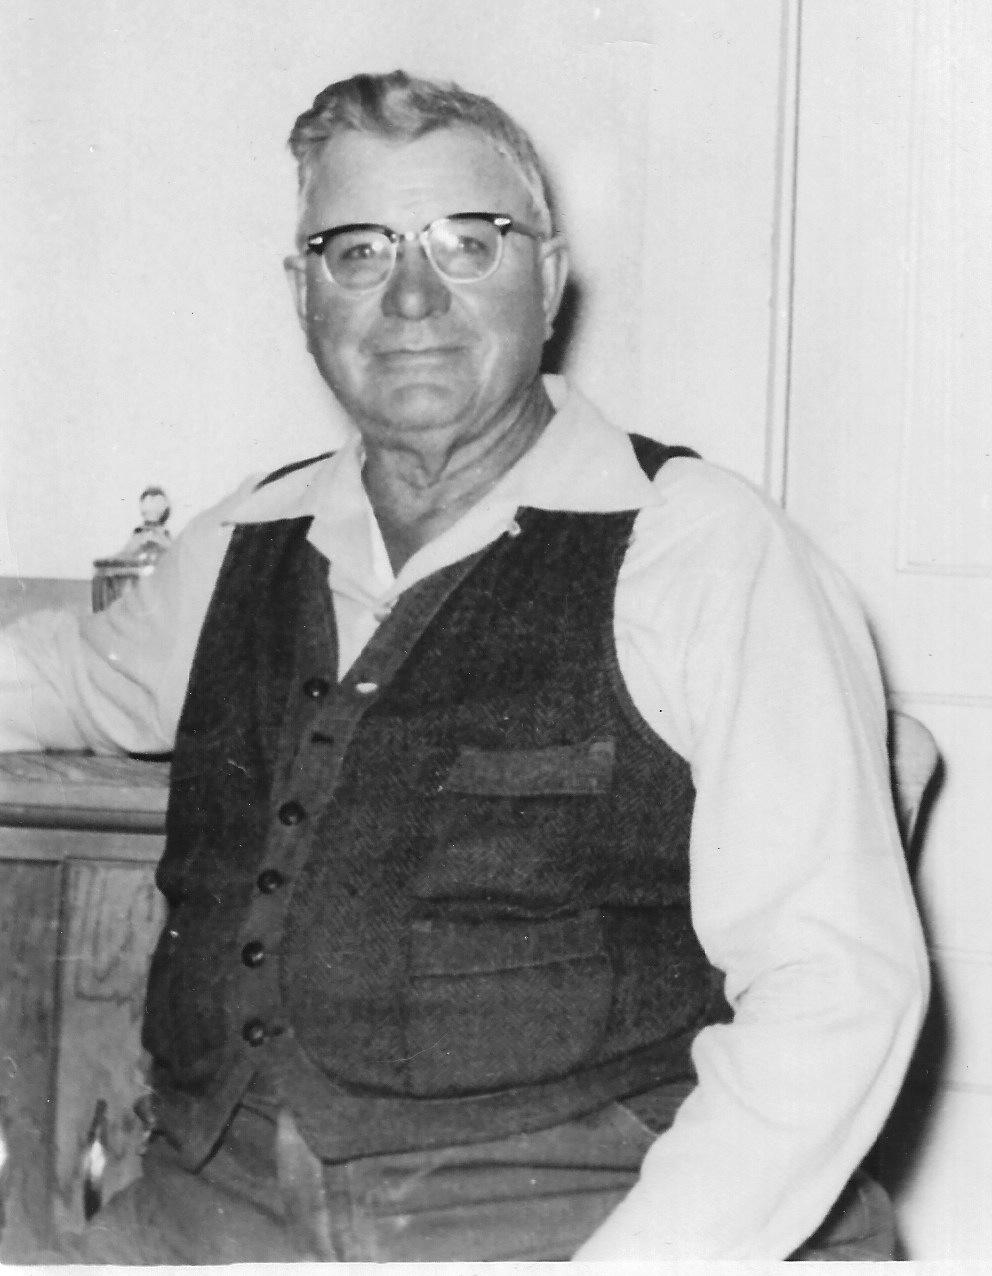 Clarence Edsall